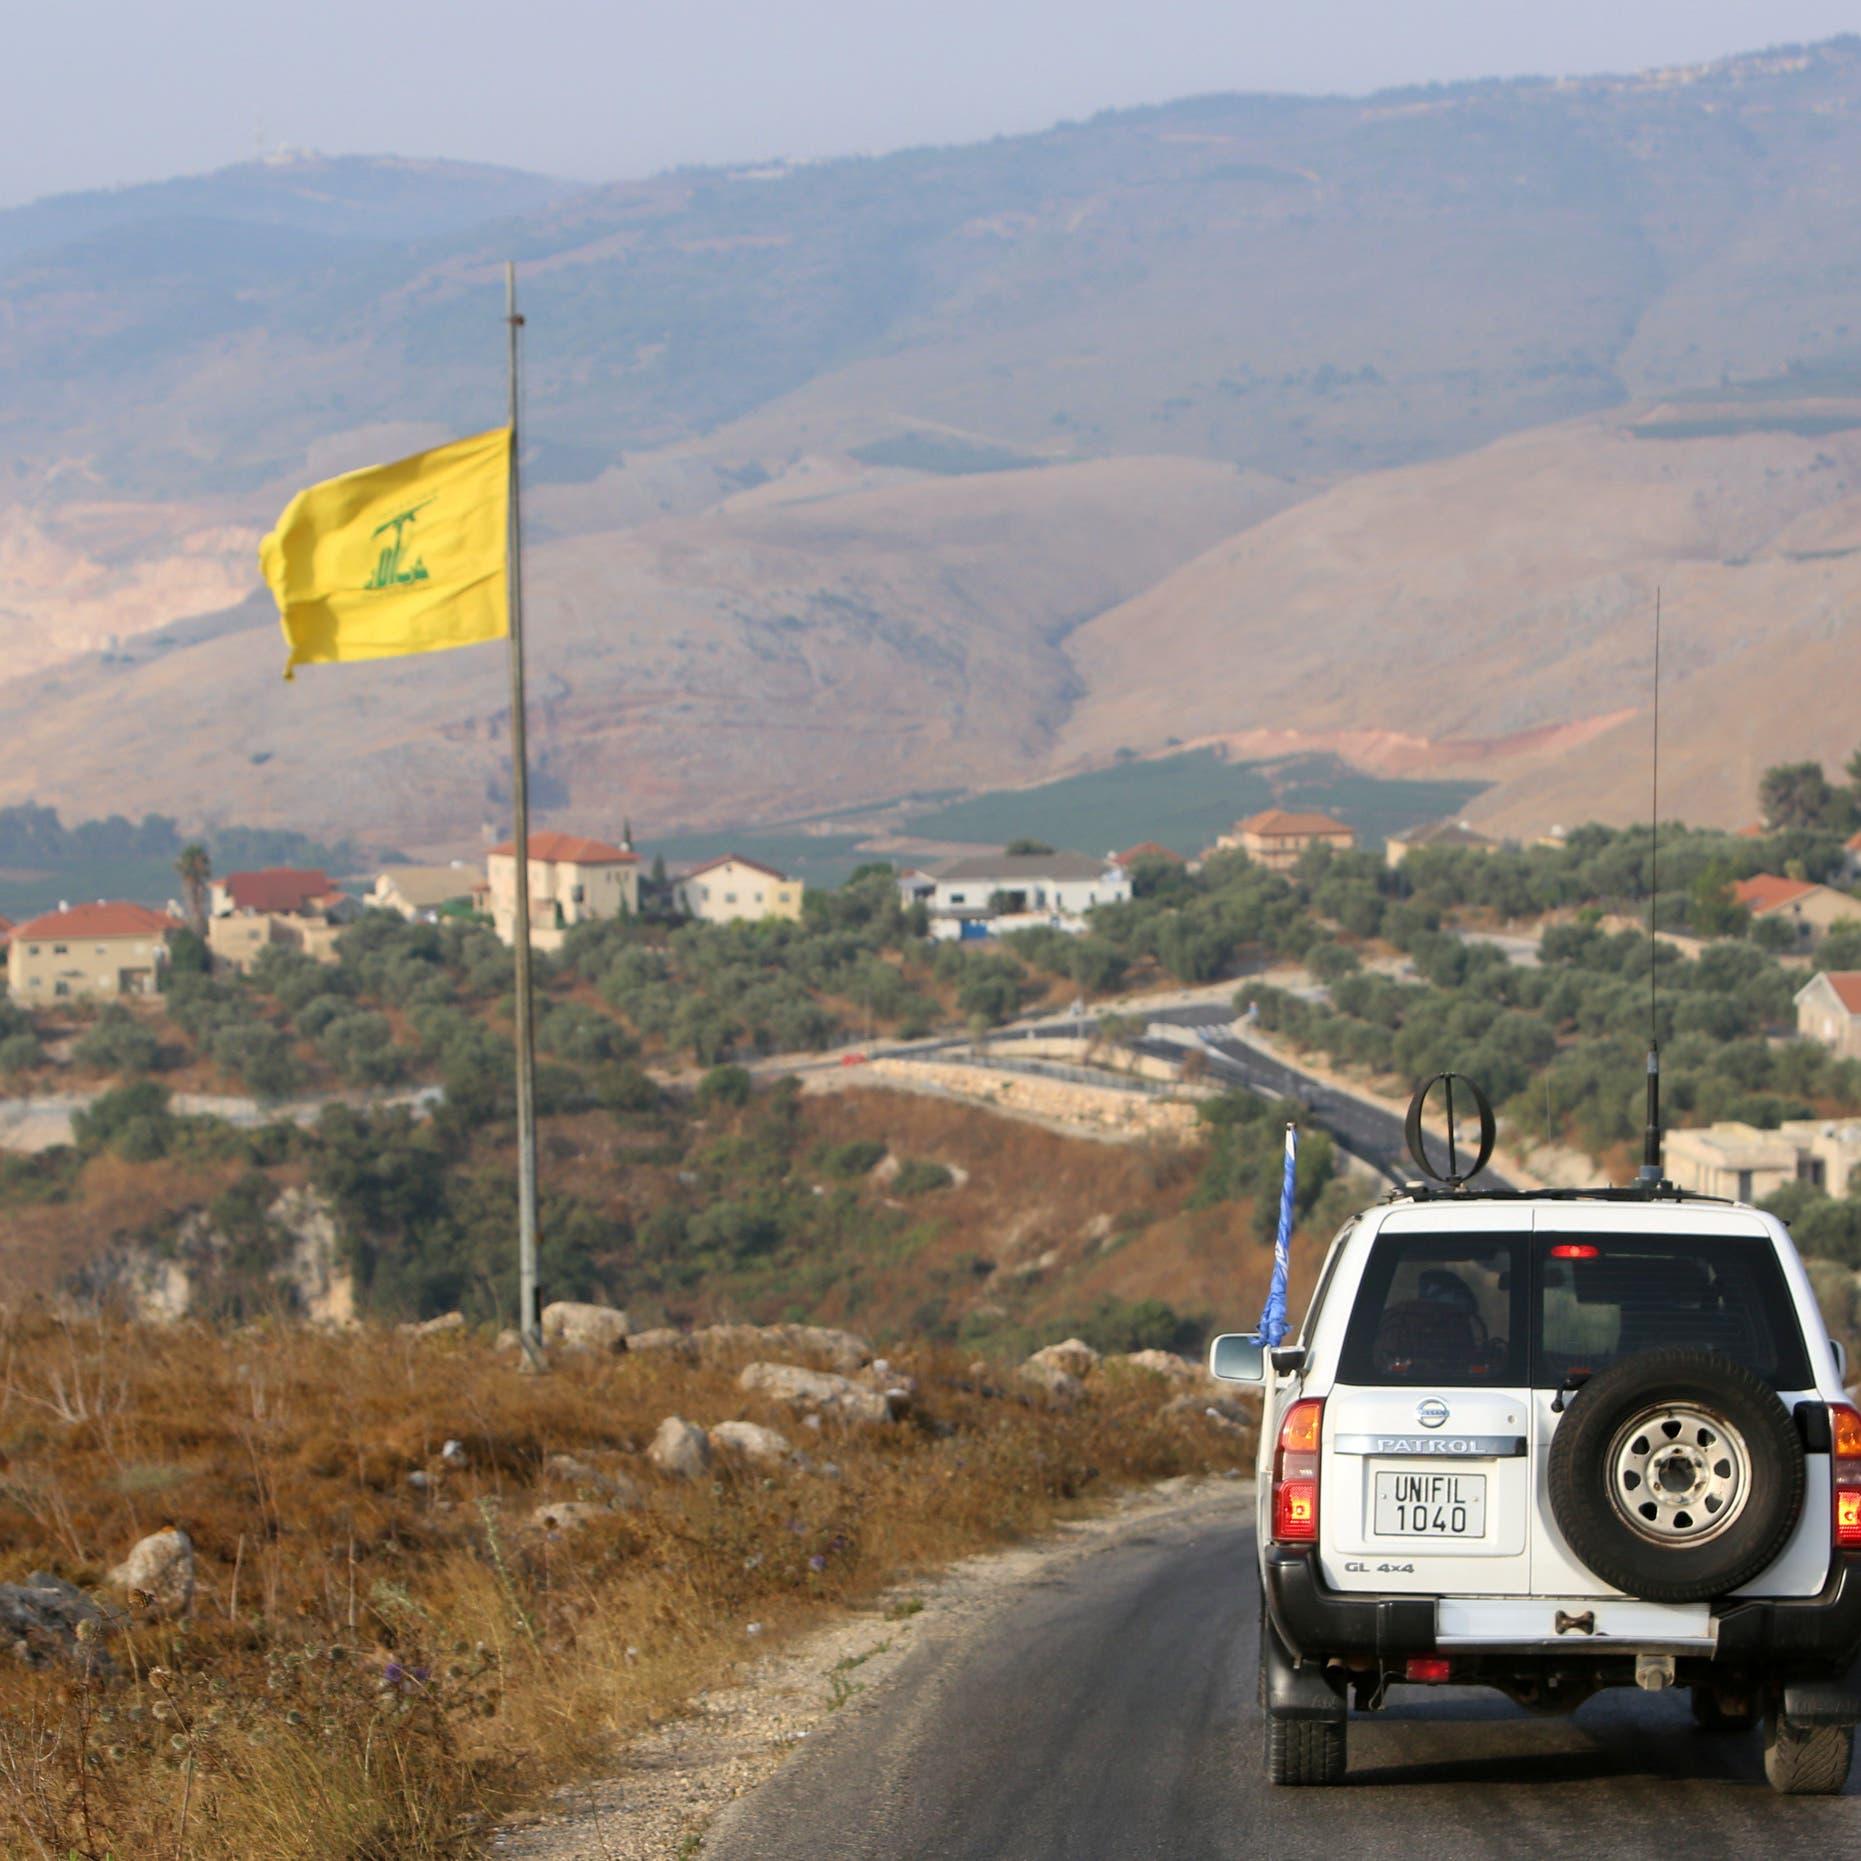 إسرائيل تسقط مسيّرة تابعة لحزب الله اللبناني